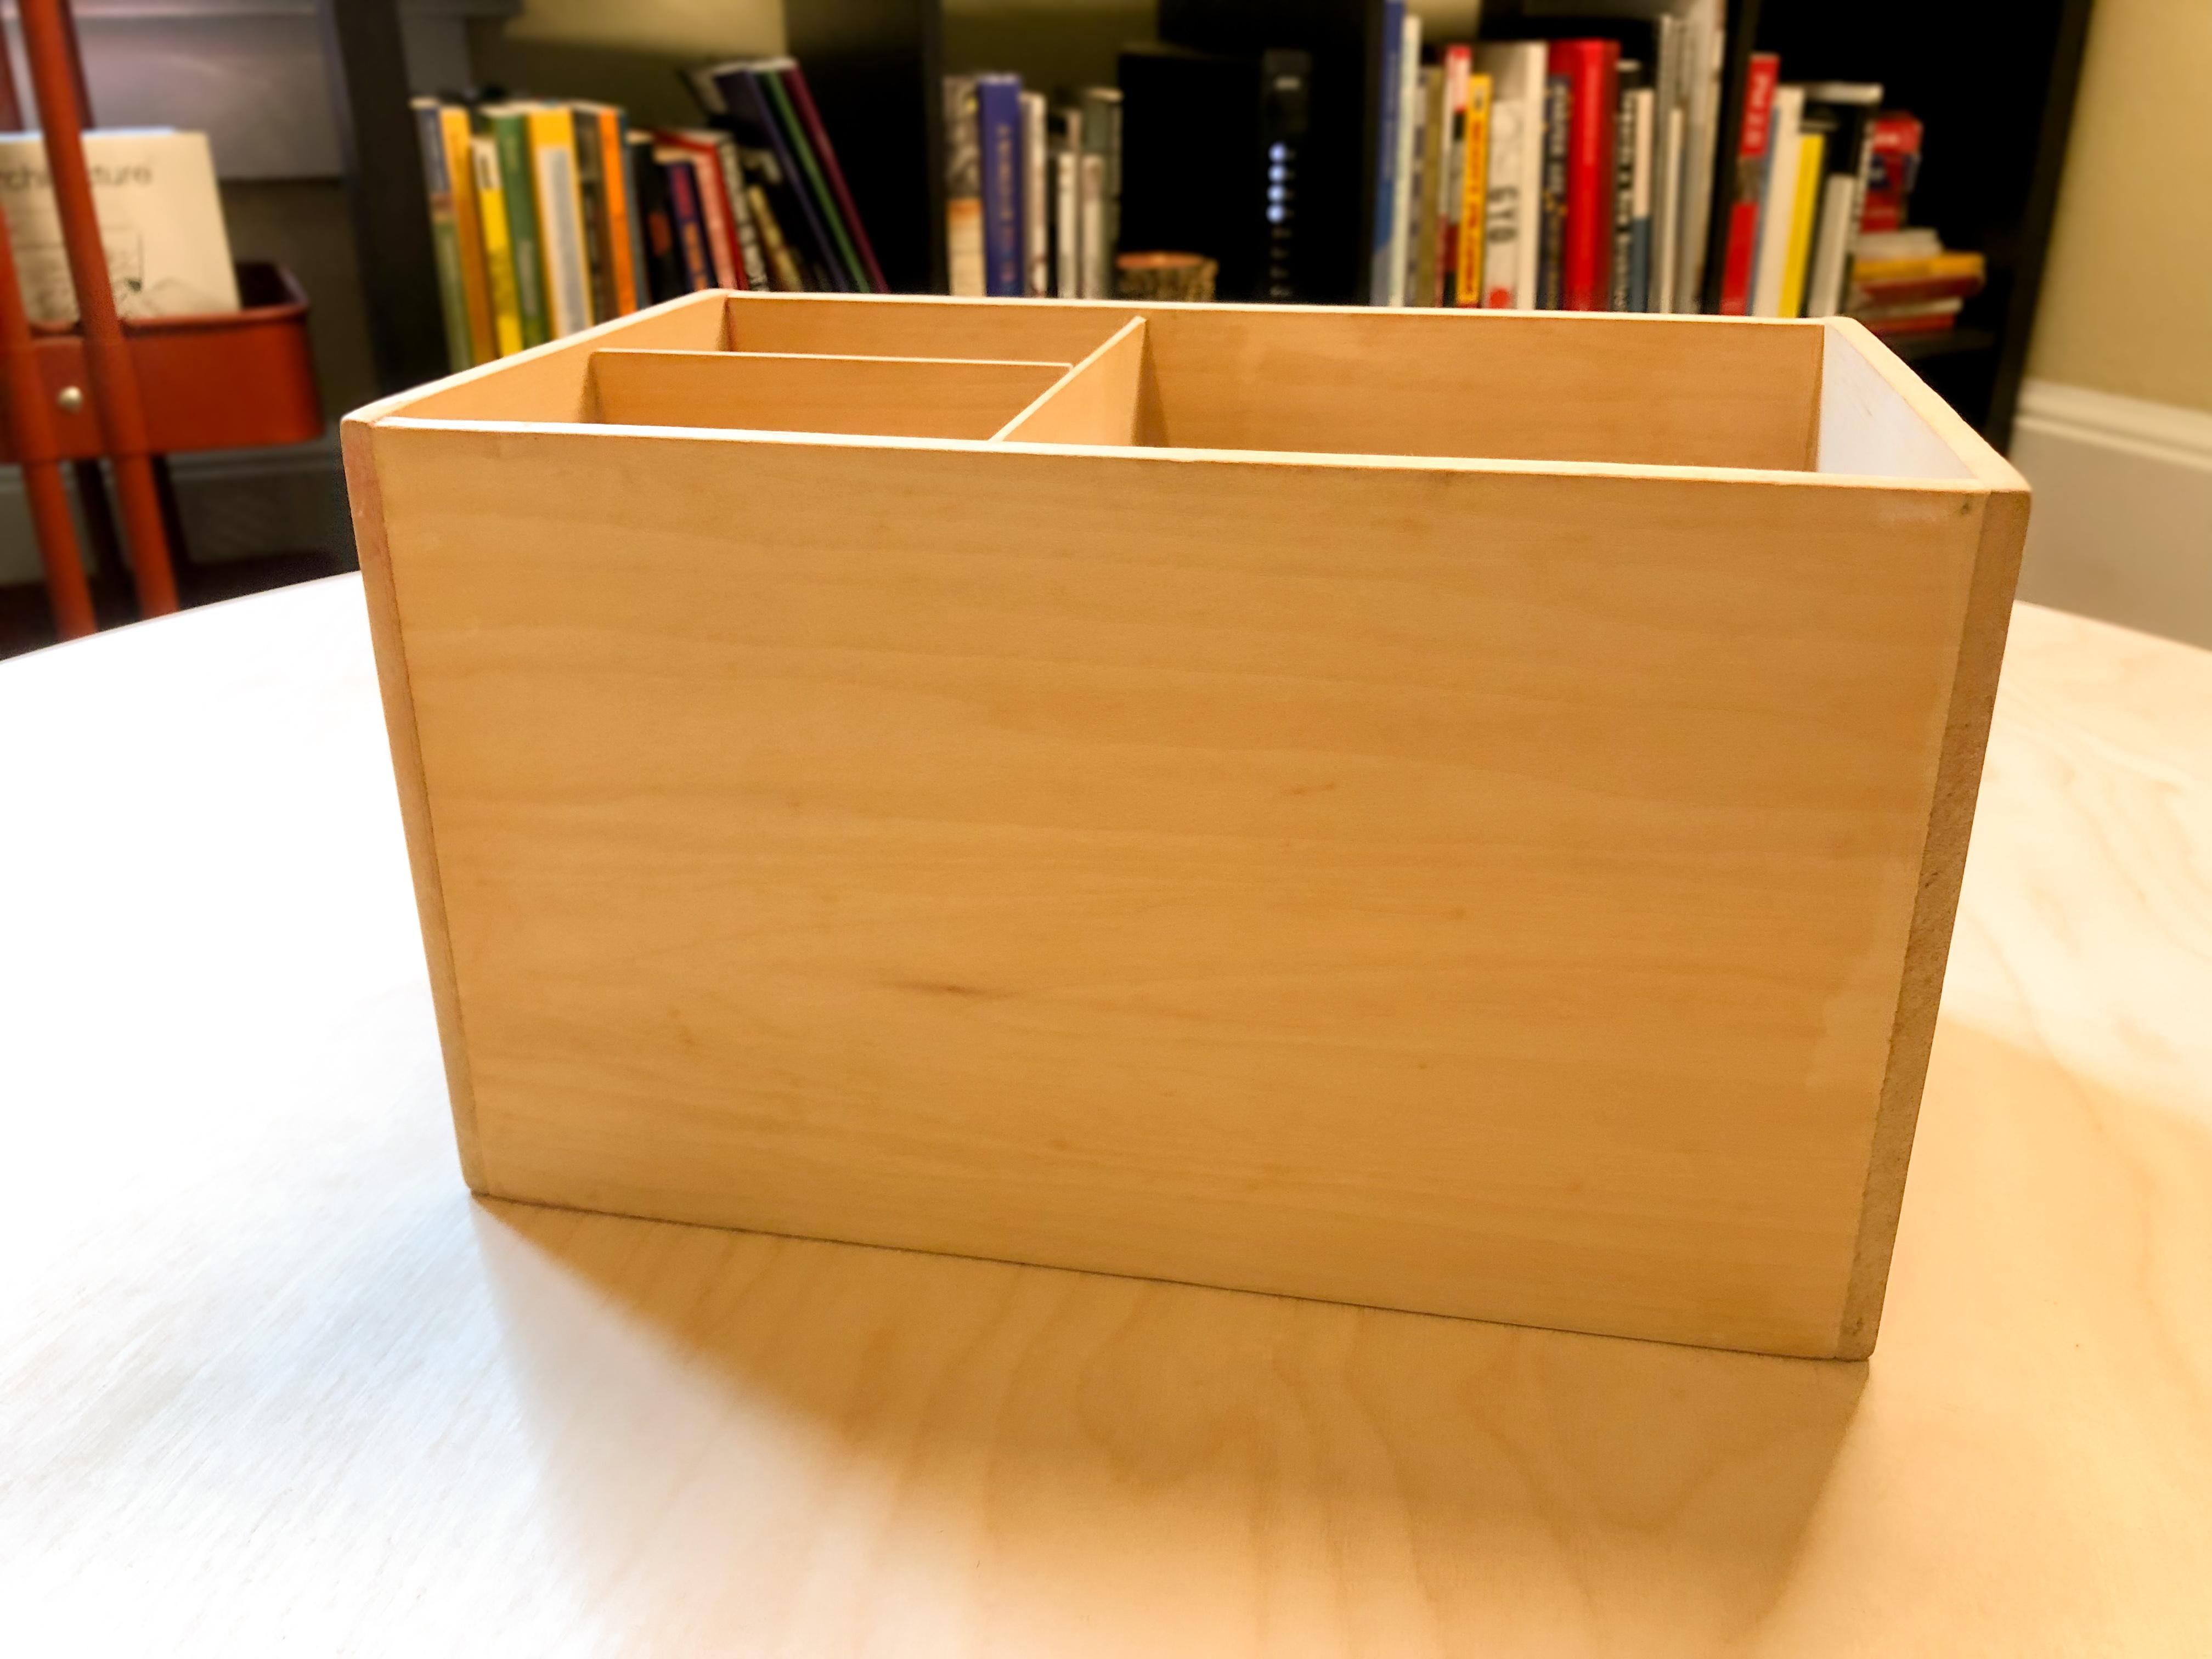 yoncarr toy box